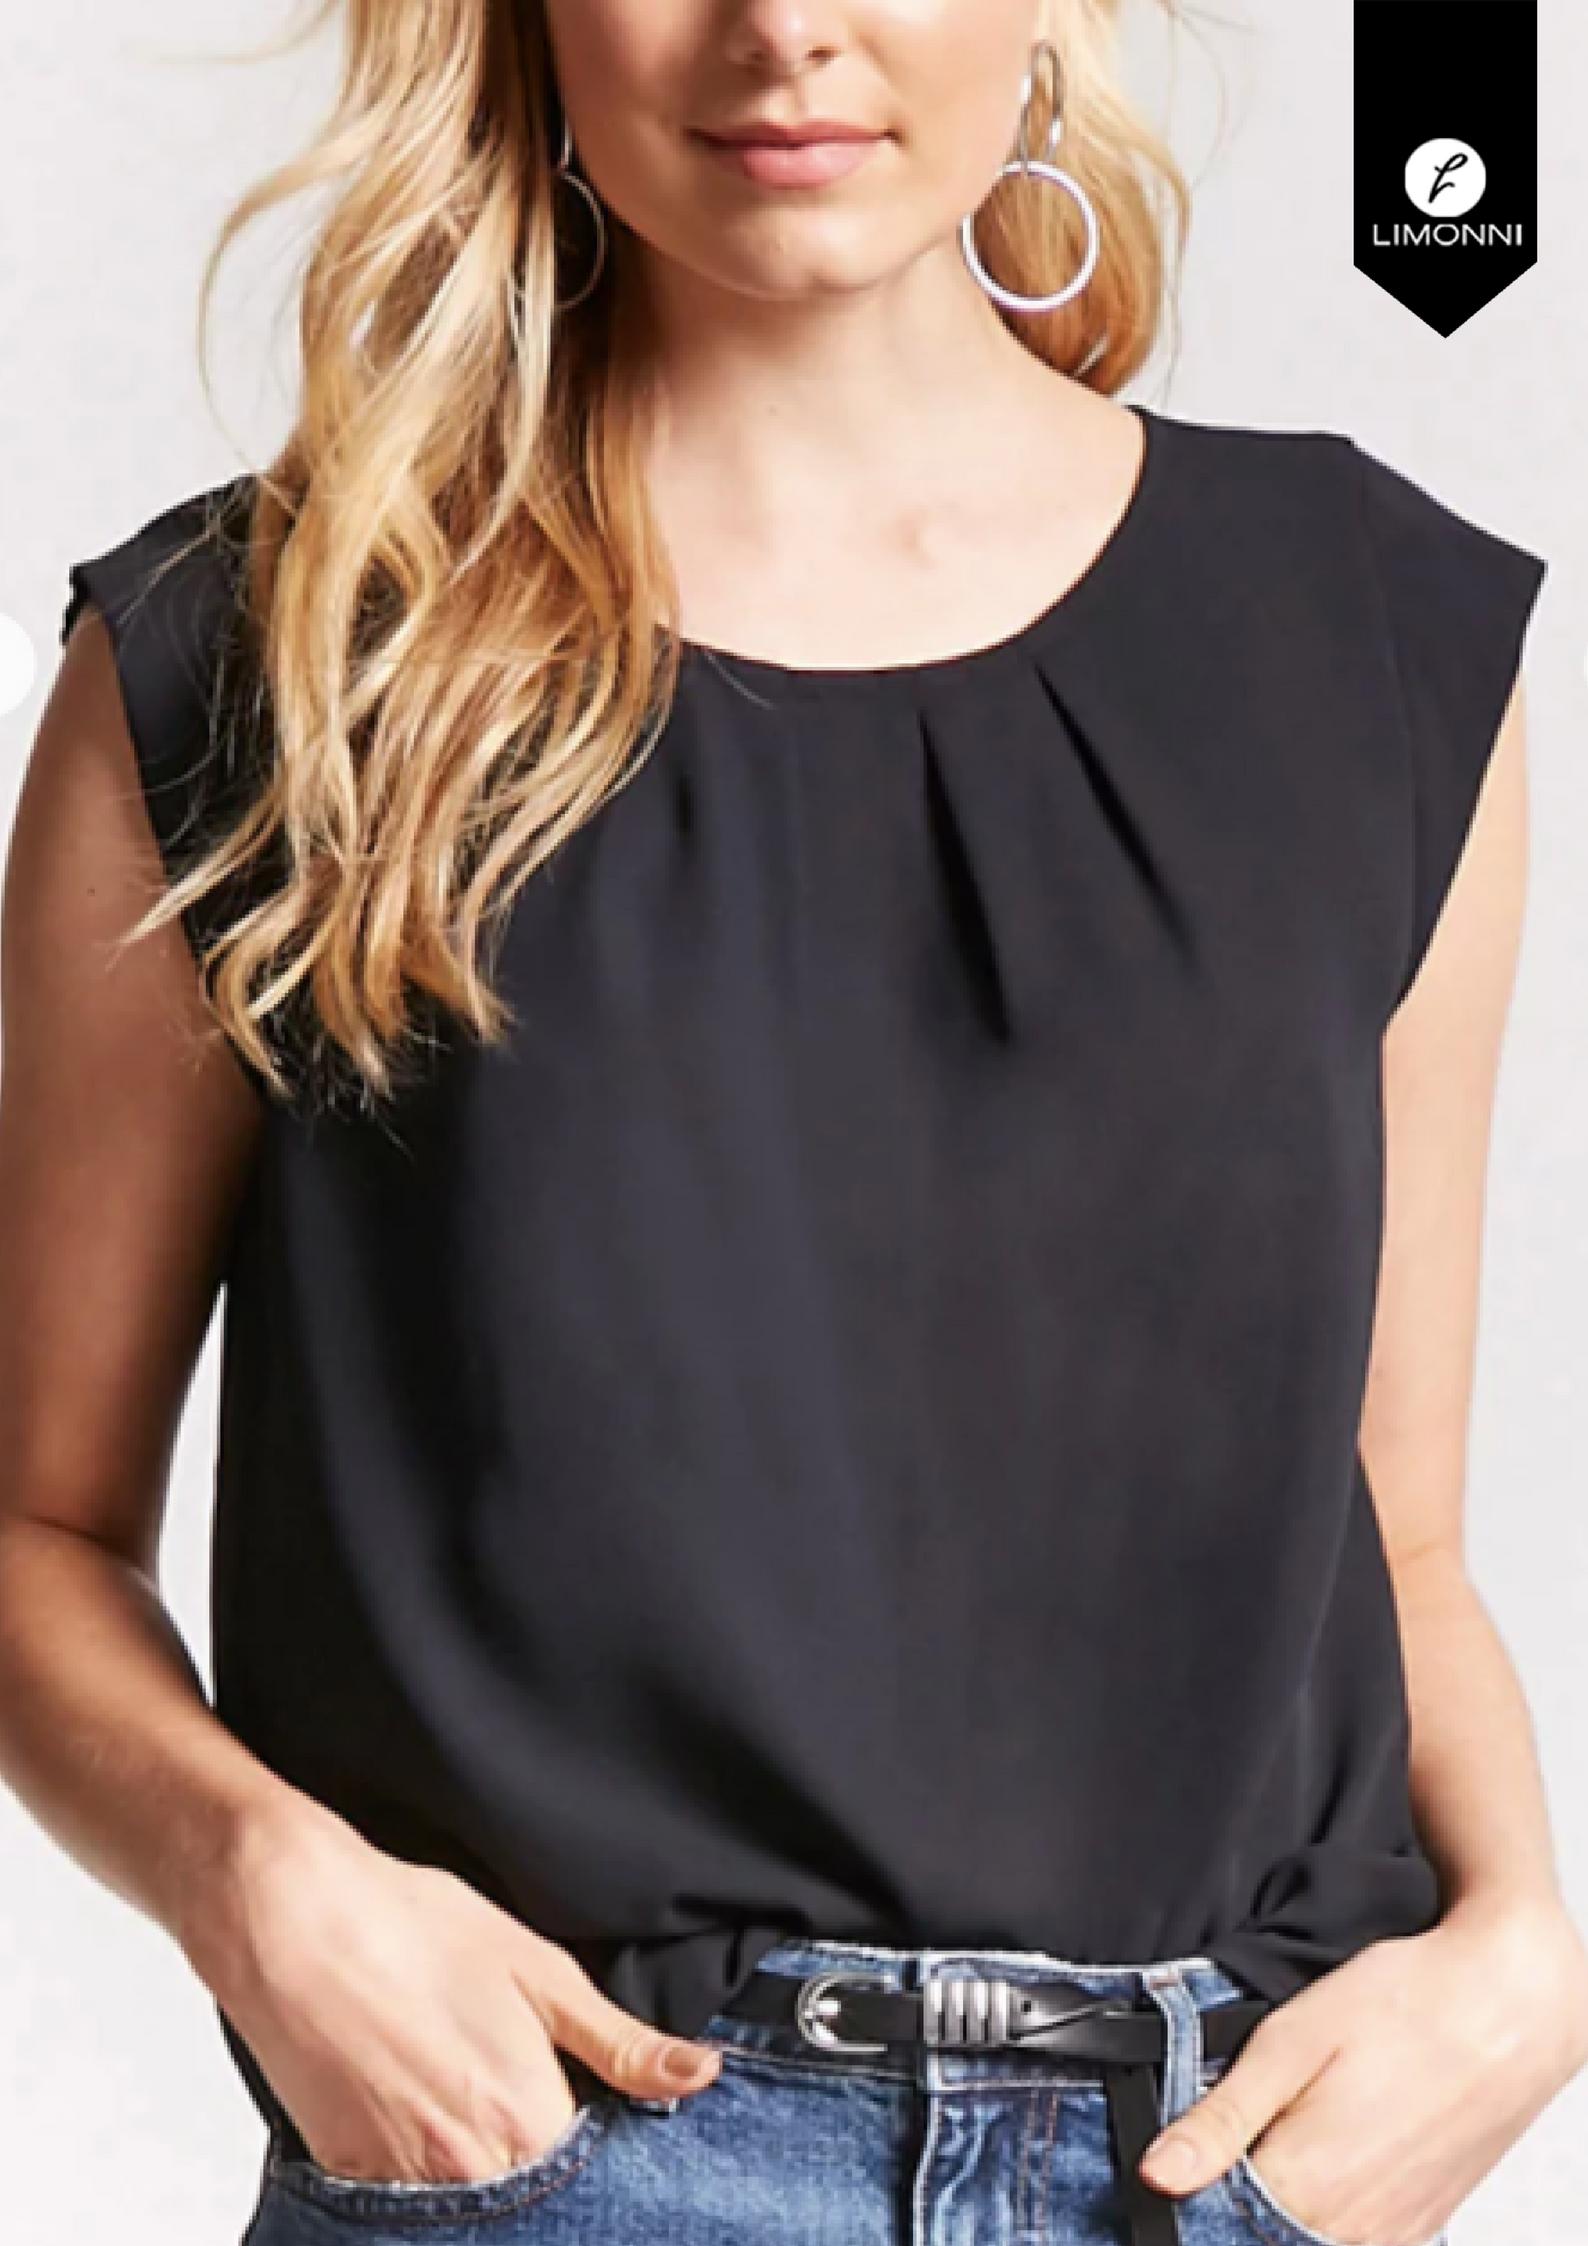 Blusas para mujer Limonni Novalee LI1570 Casuales